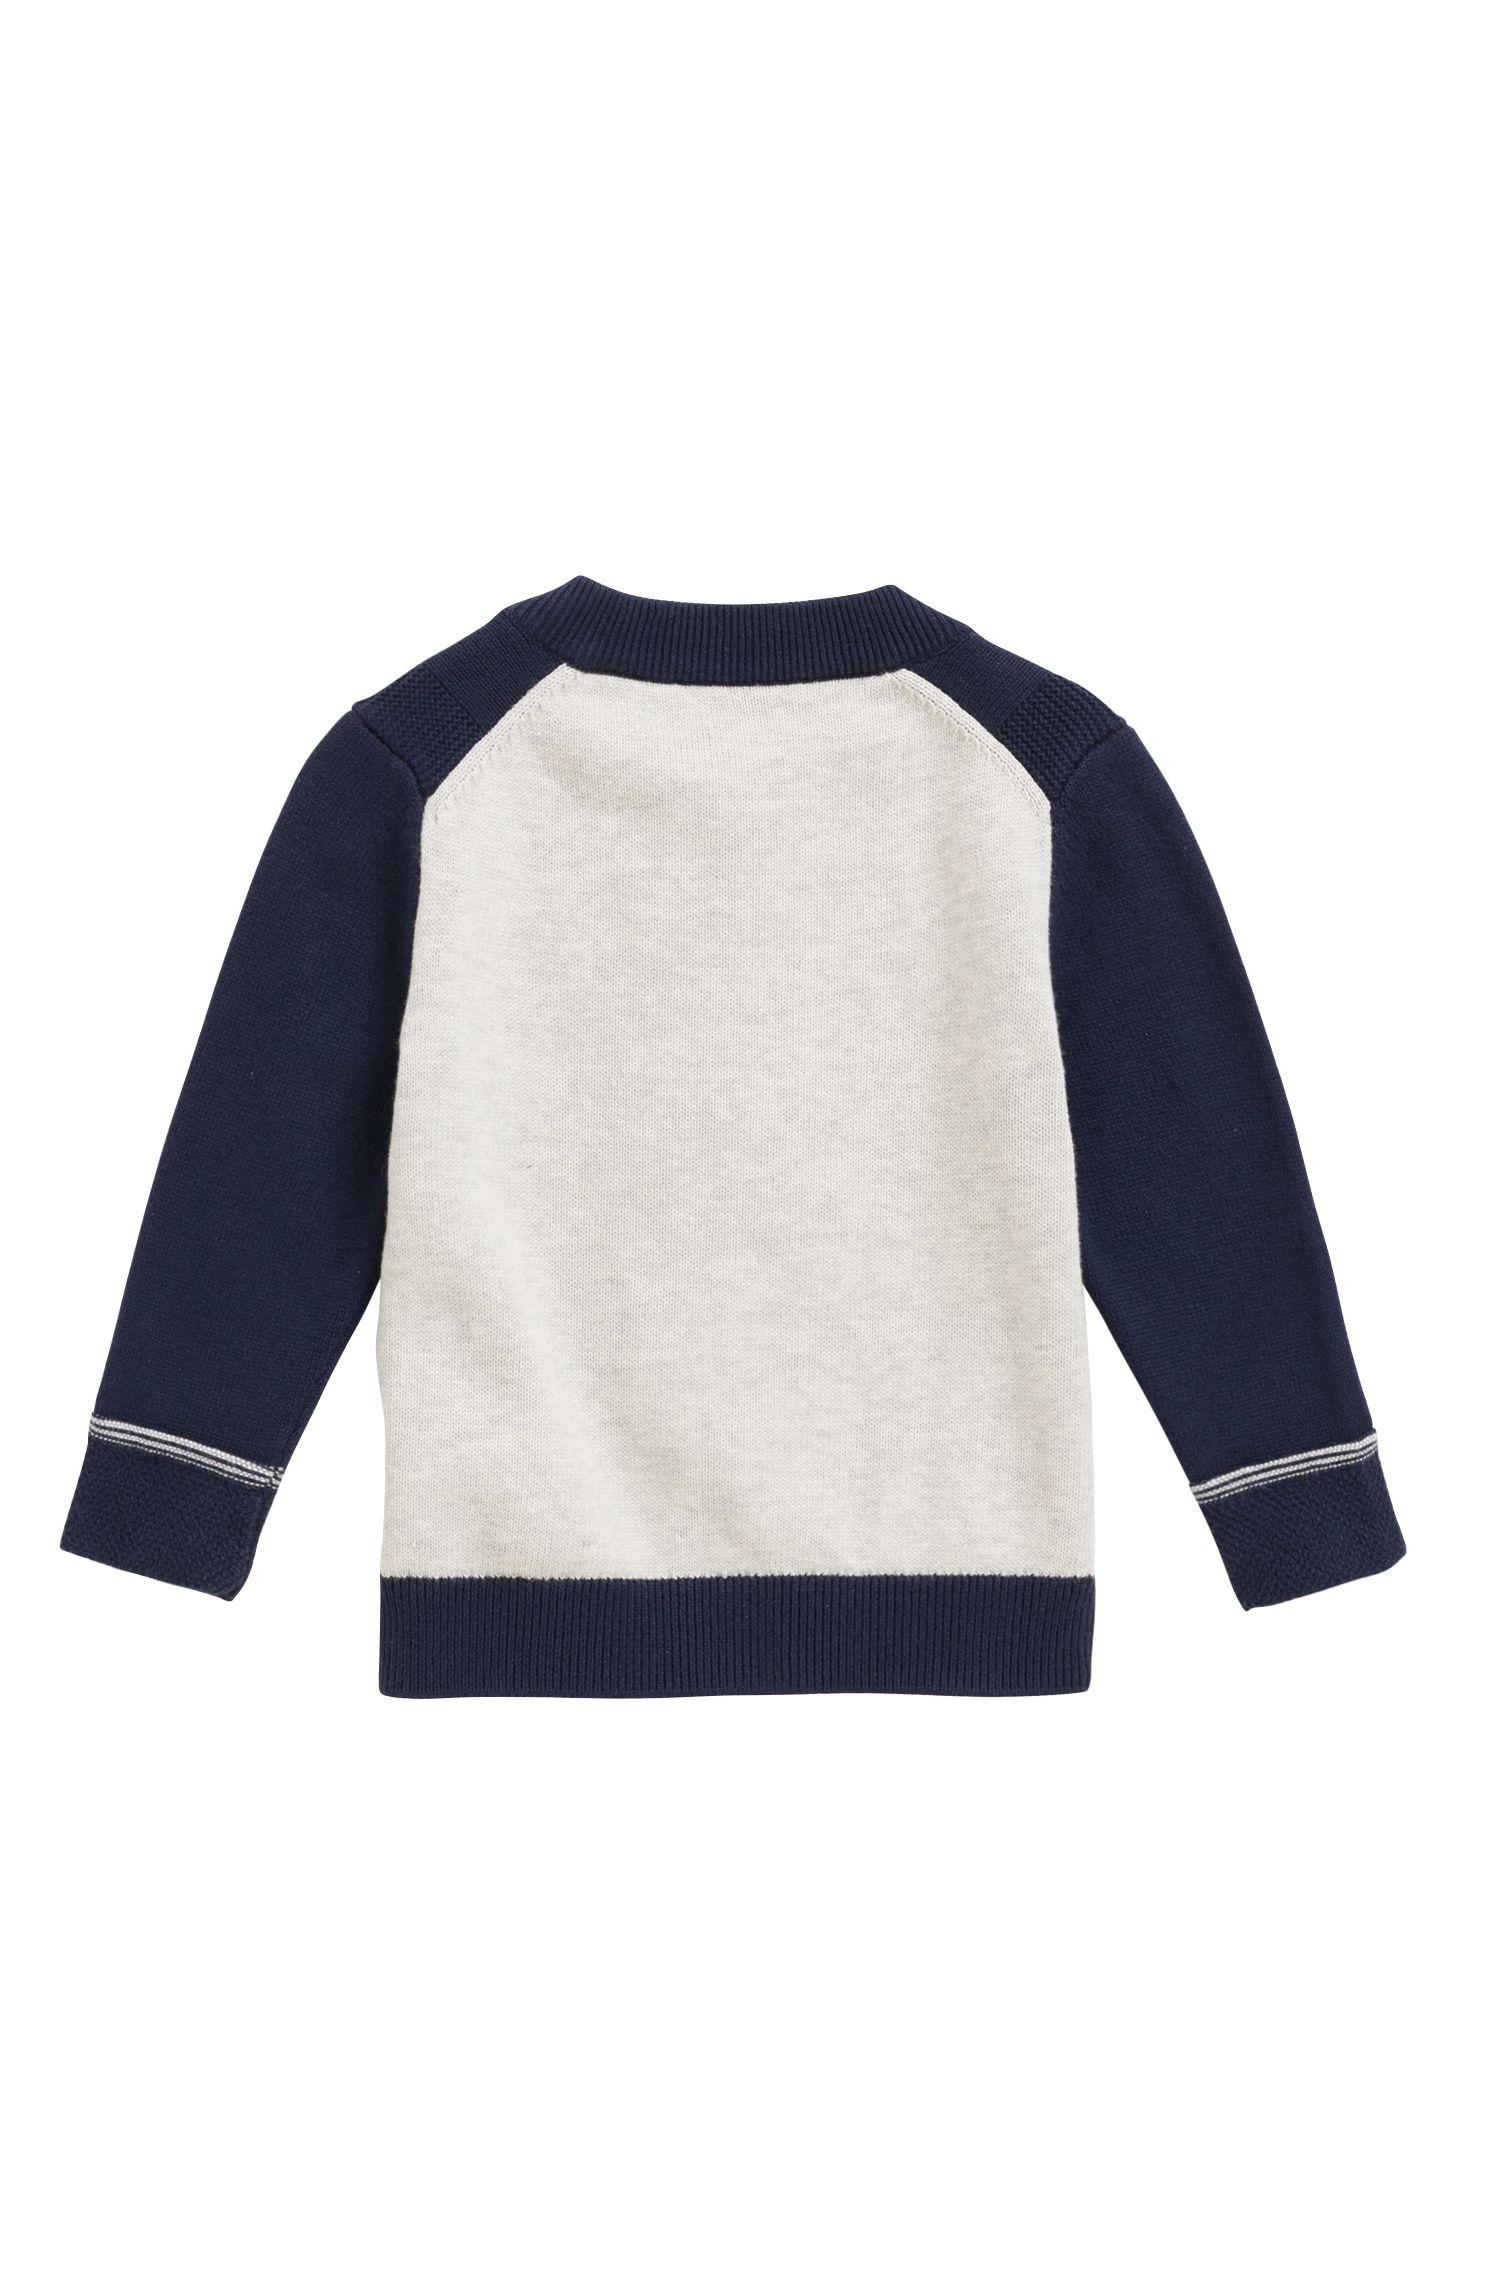 Cárdigan para niños en punto tricotado de algodón peinado con espalda en contraste, Azul oscuro